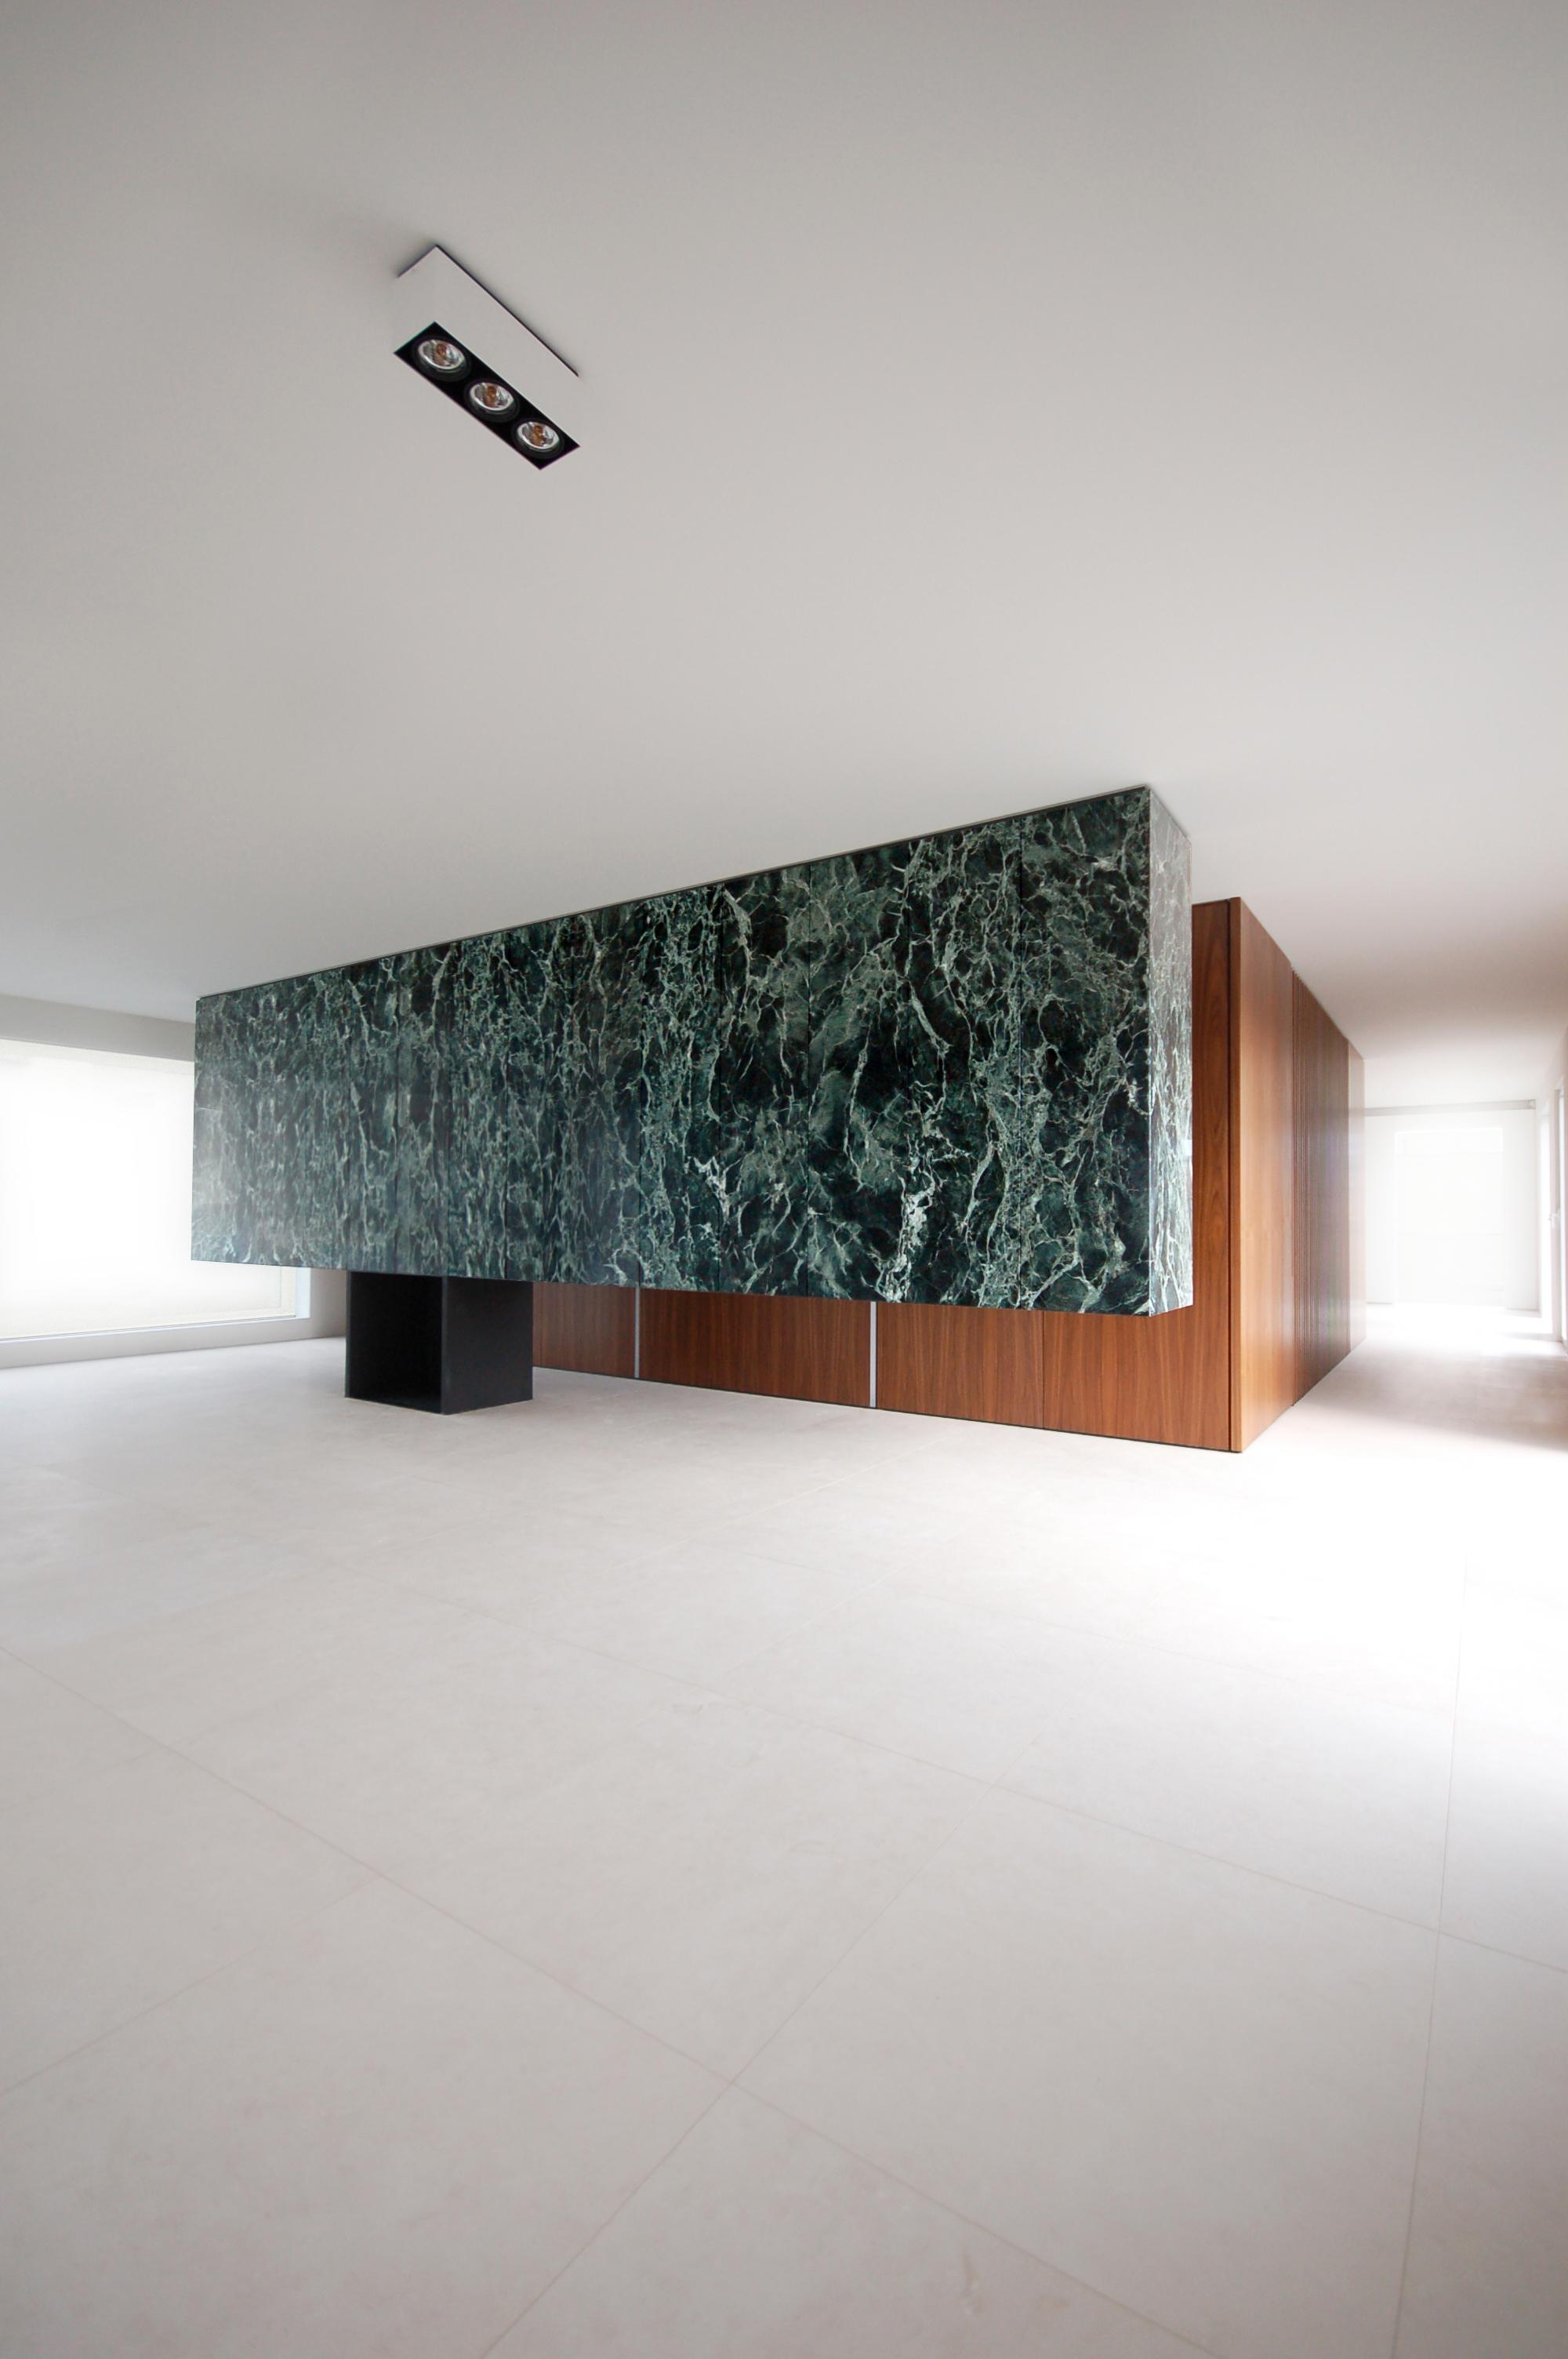 demeestervliegen-architecture-interior-interiorarchitecture-office23.jpg